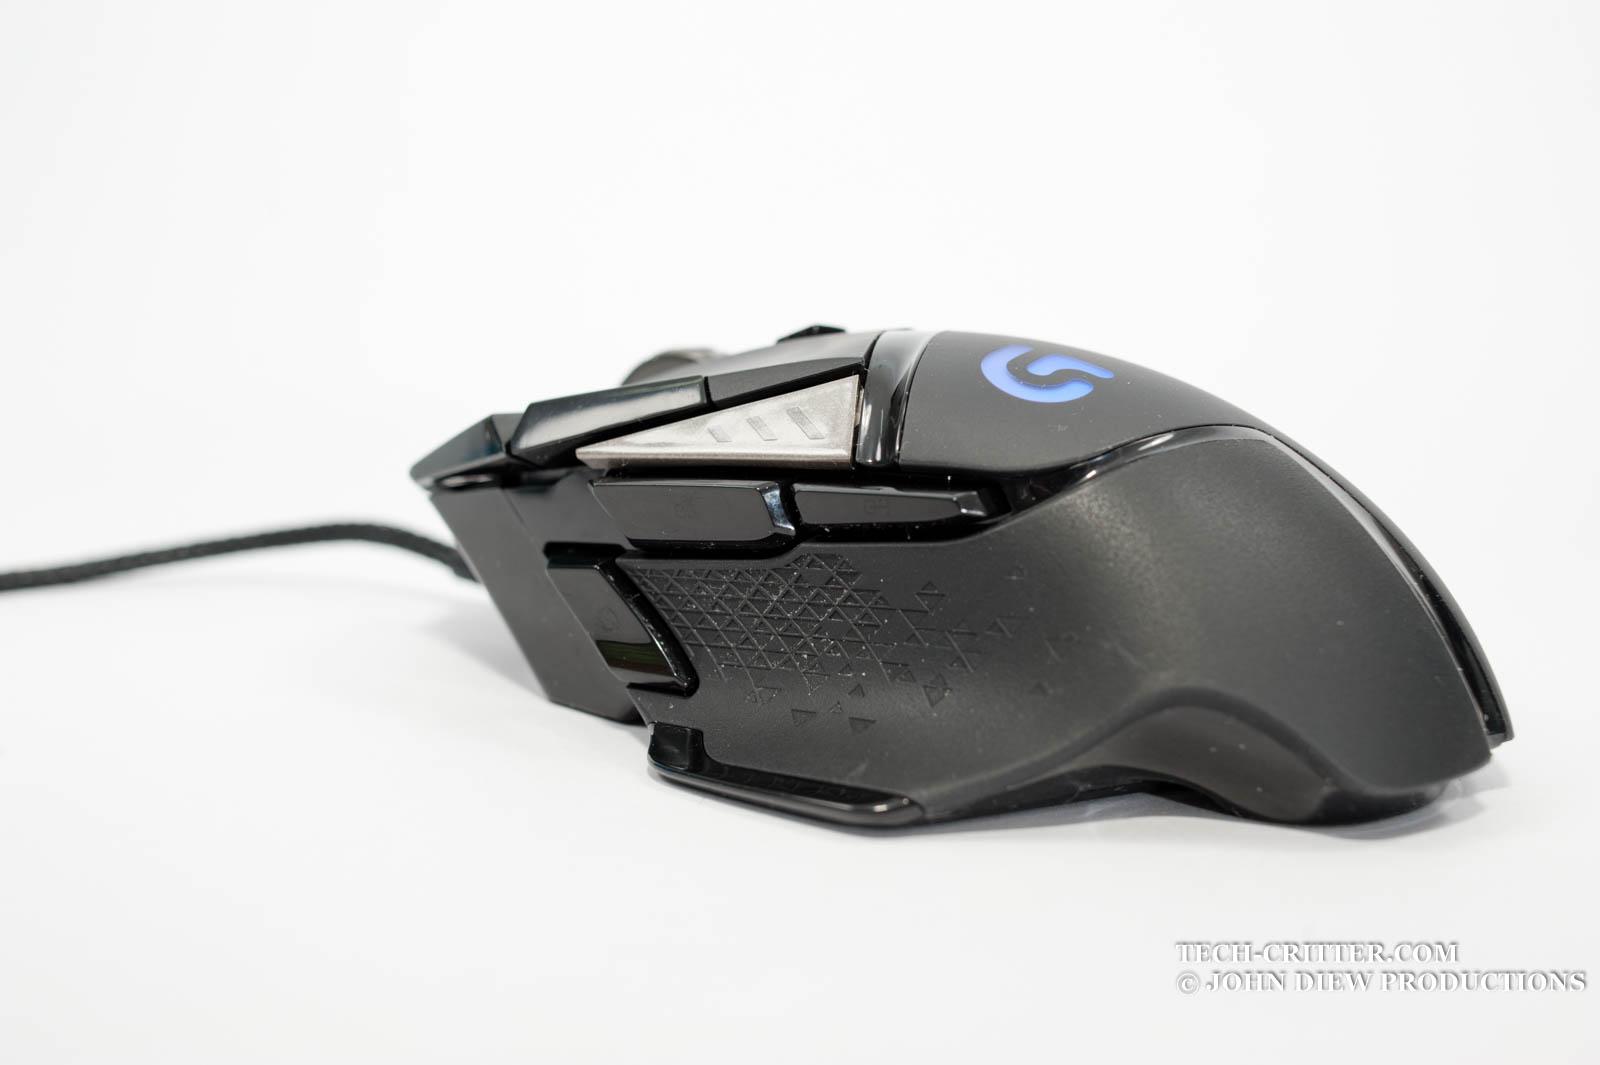 Unboxing & Review: Logitech G502 Proteus Spectrum